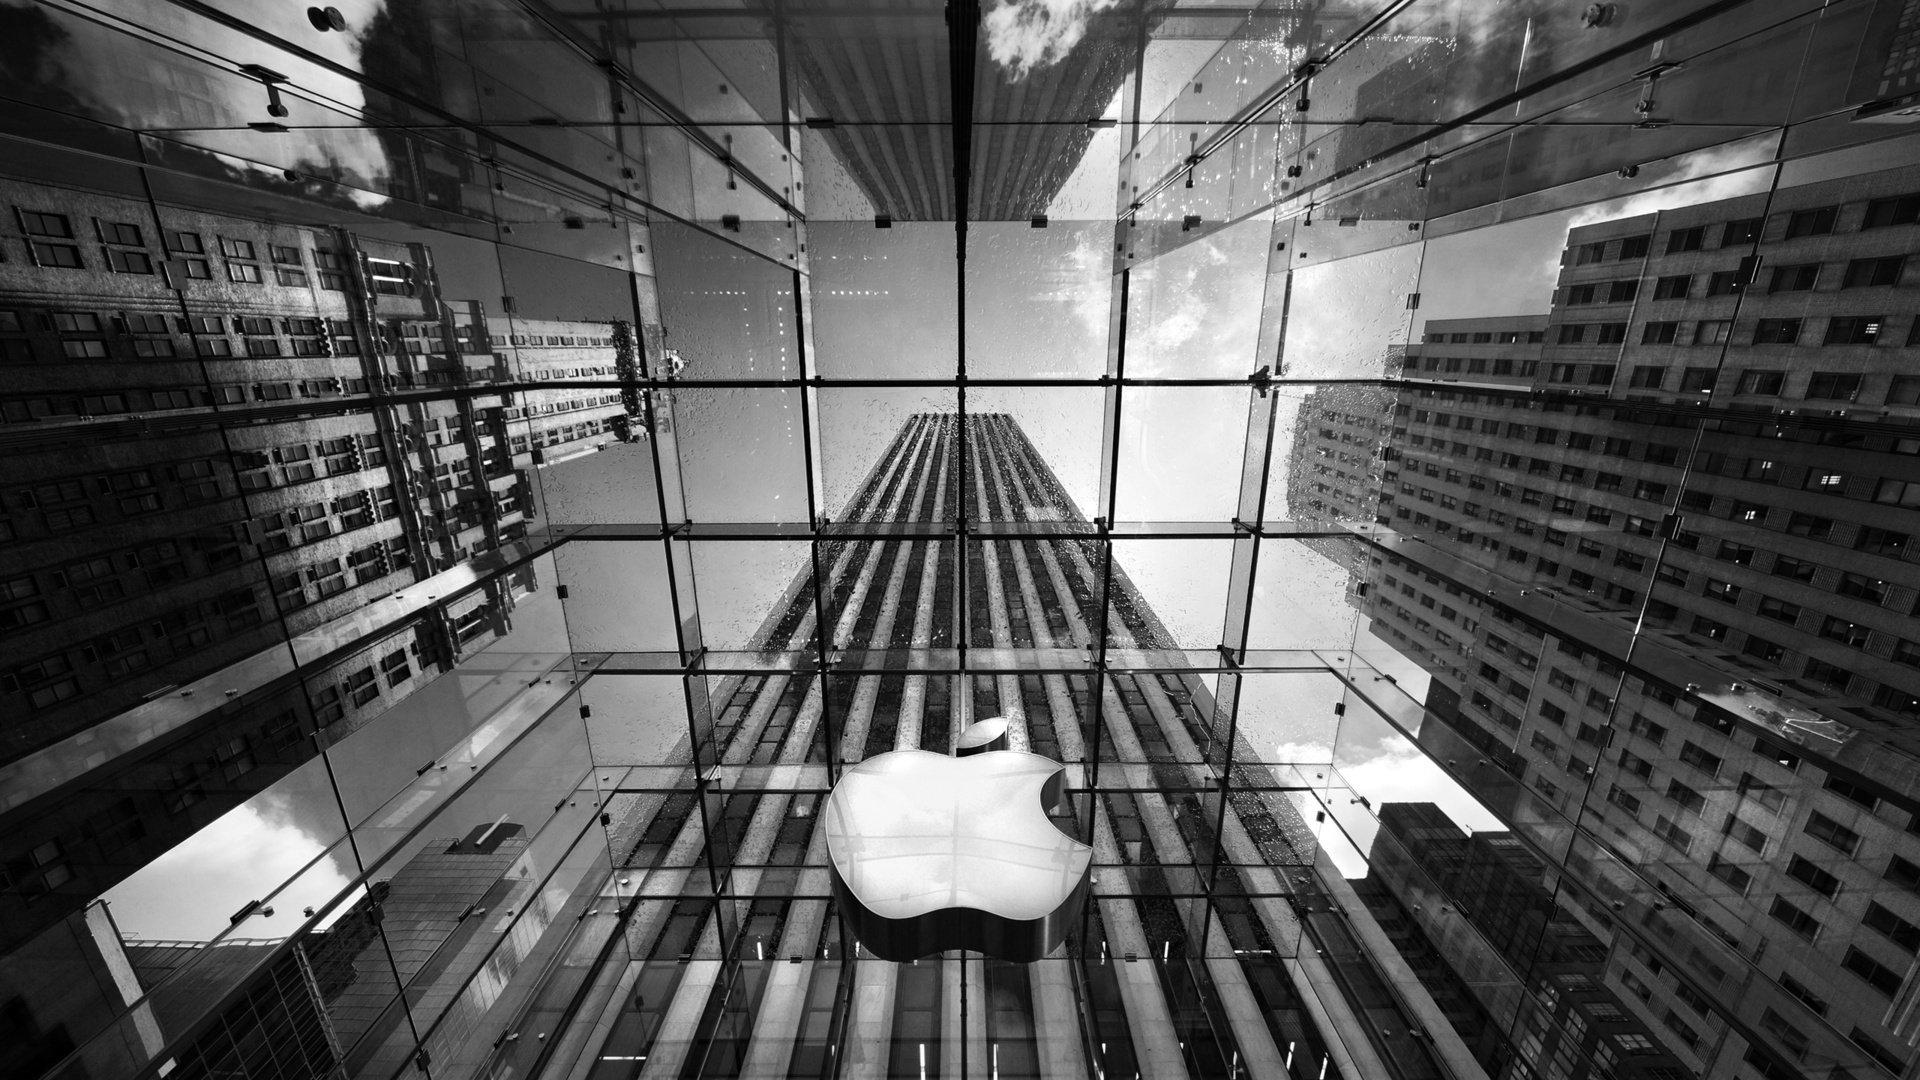 Apple расследует уязвимости iCloud после утечки личных фото знаменитостей. - Изображение 1